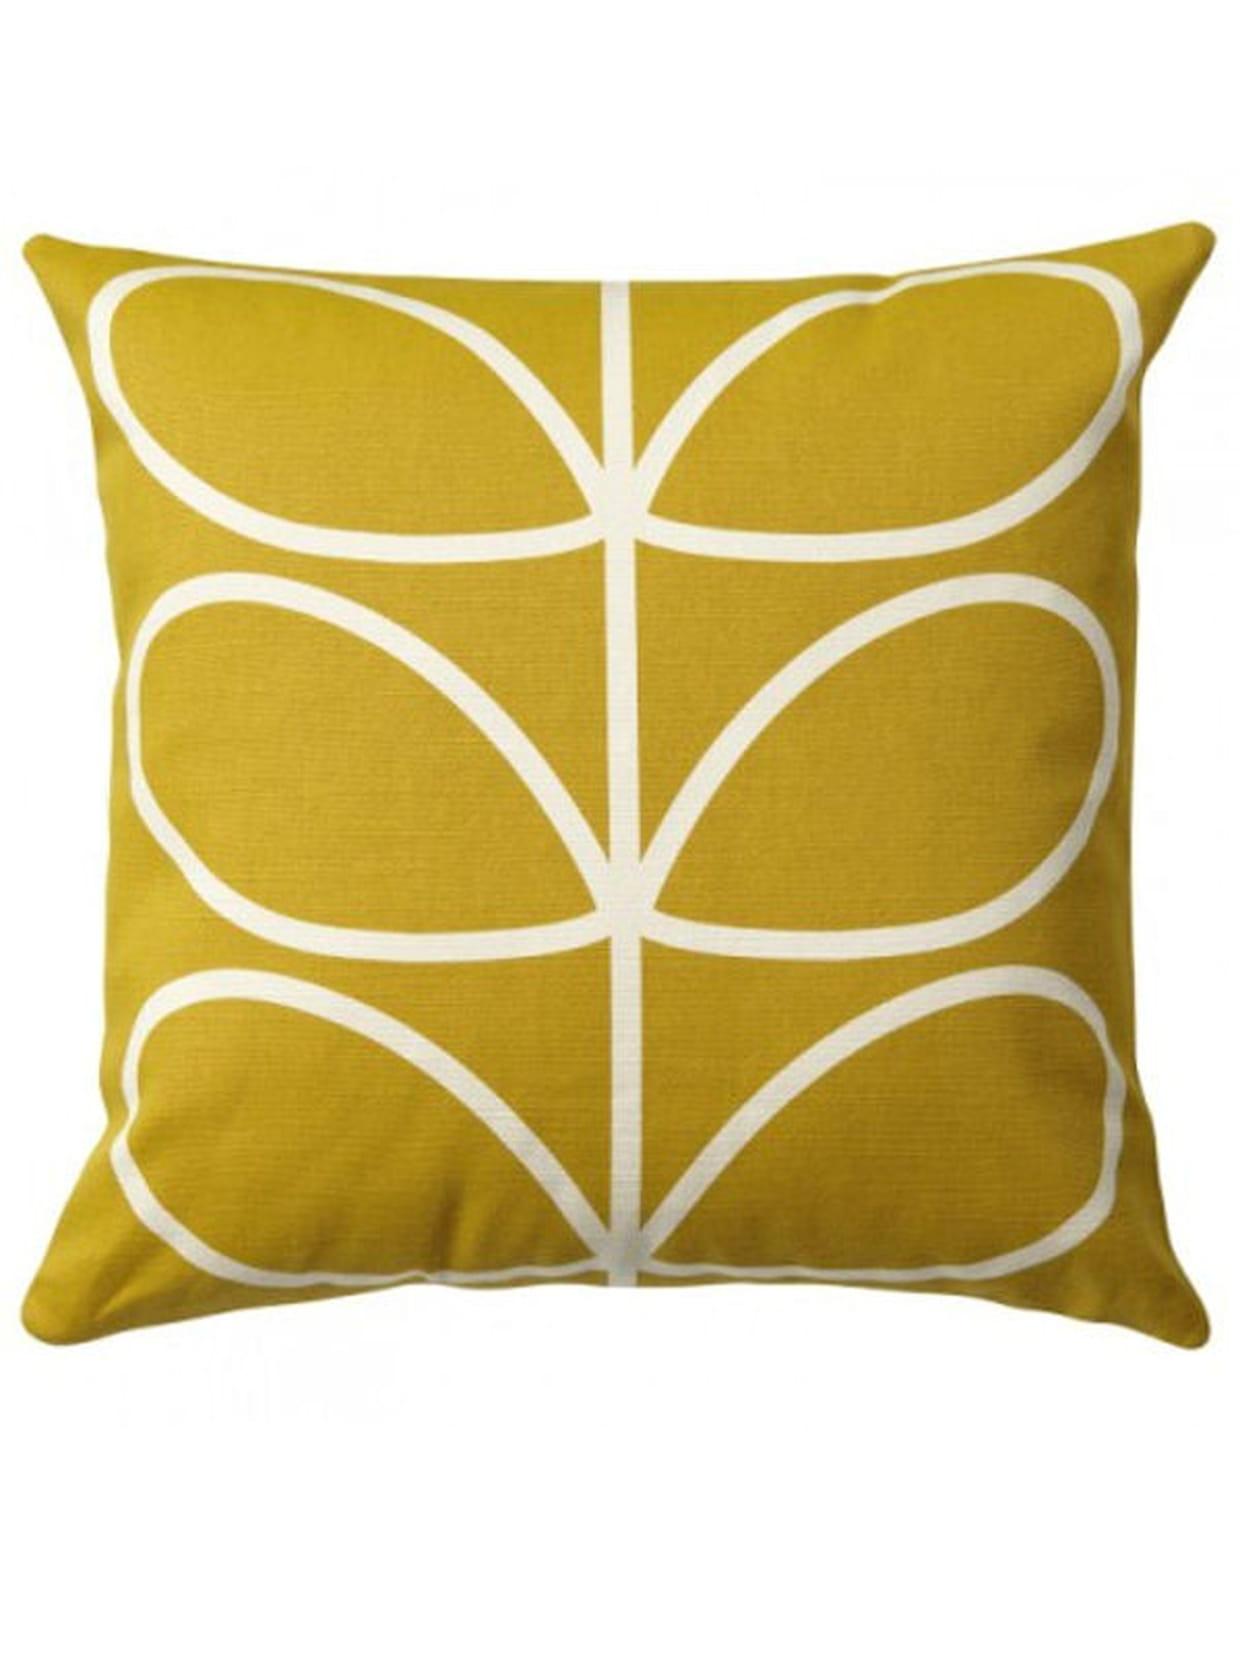 coussin moutarde et cr me. Black Bedroom Furniture Sets. Home Design Ideas